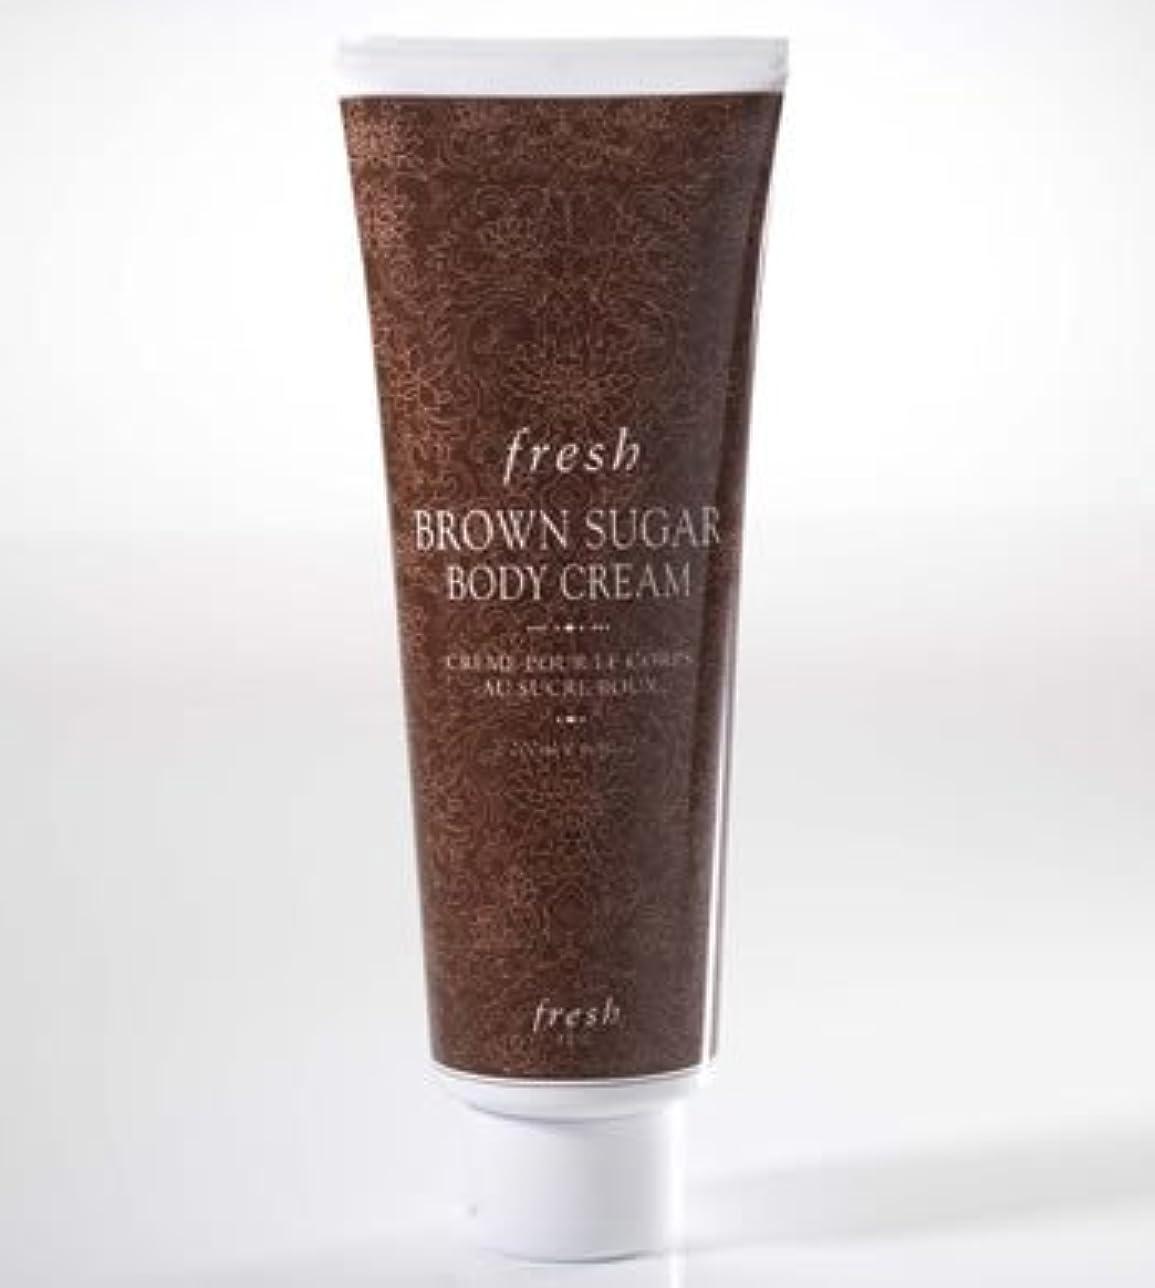 温室薄汚い顕著Fresh BROWN SUGAR BODY CREAM (フレッシュ ブラウンシュガー ボディークリーム) 6.8 oz (200ml) by Fresh